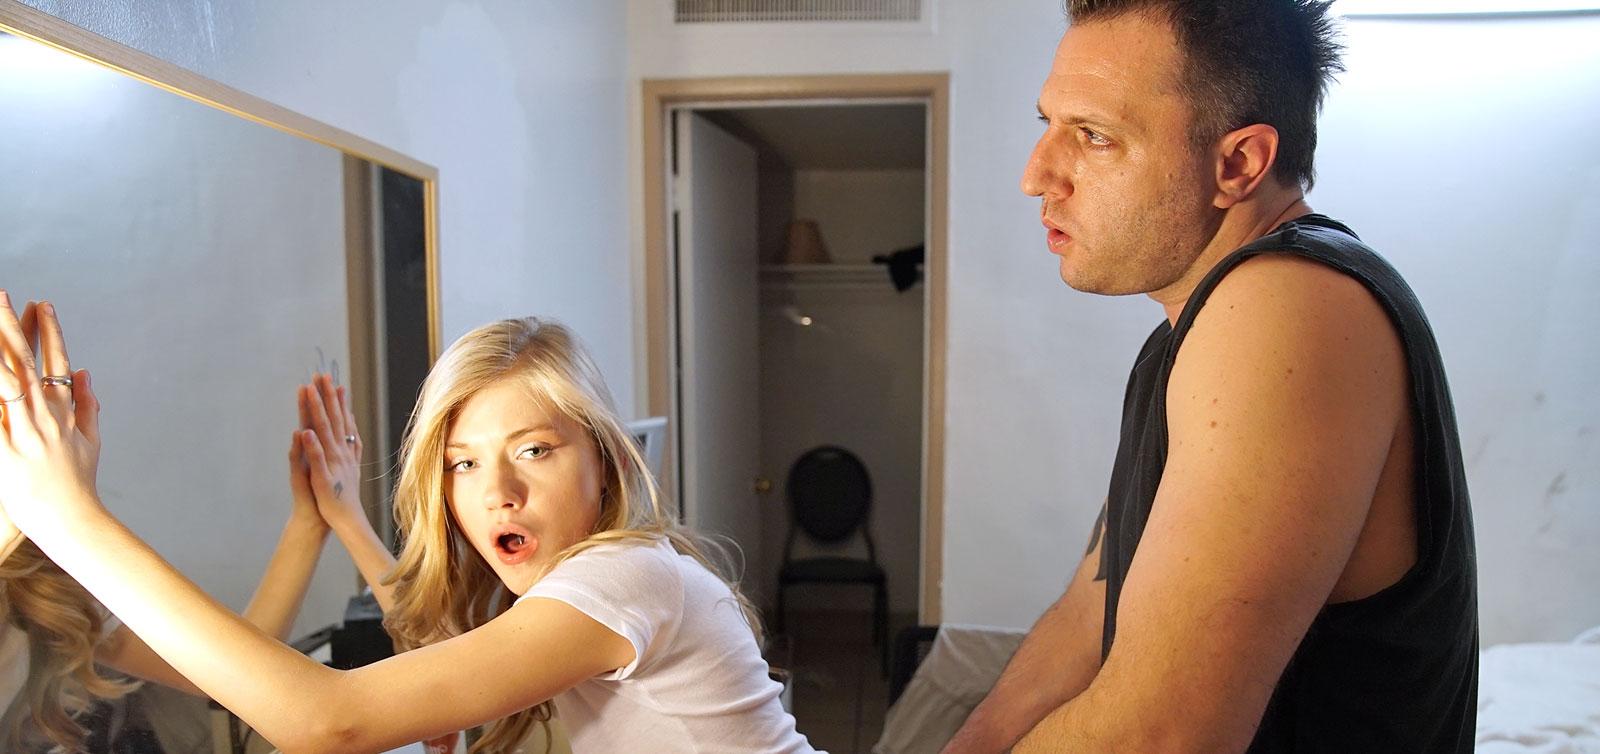 Schmackhaft blonde Schönheit Siri bekommt gebohrt hart von einem geilen Kerl Mark Zane